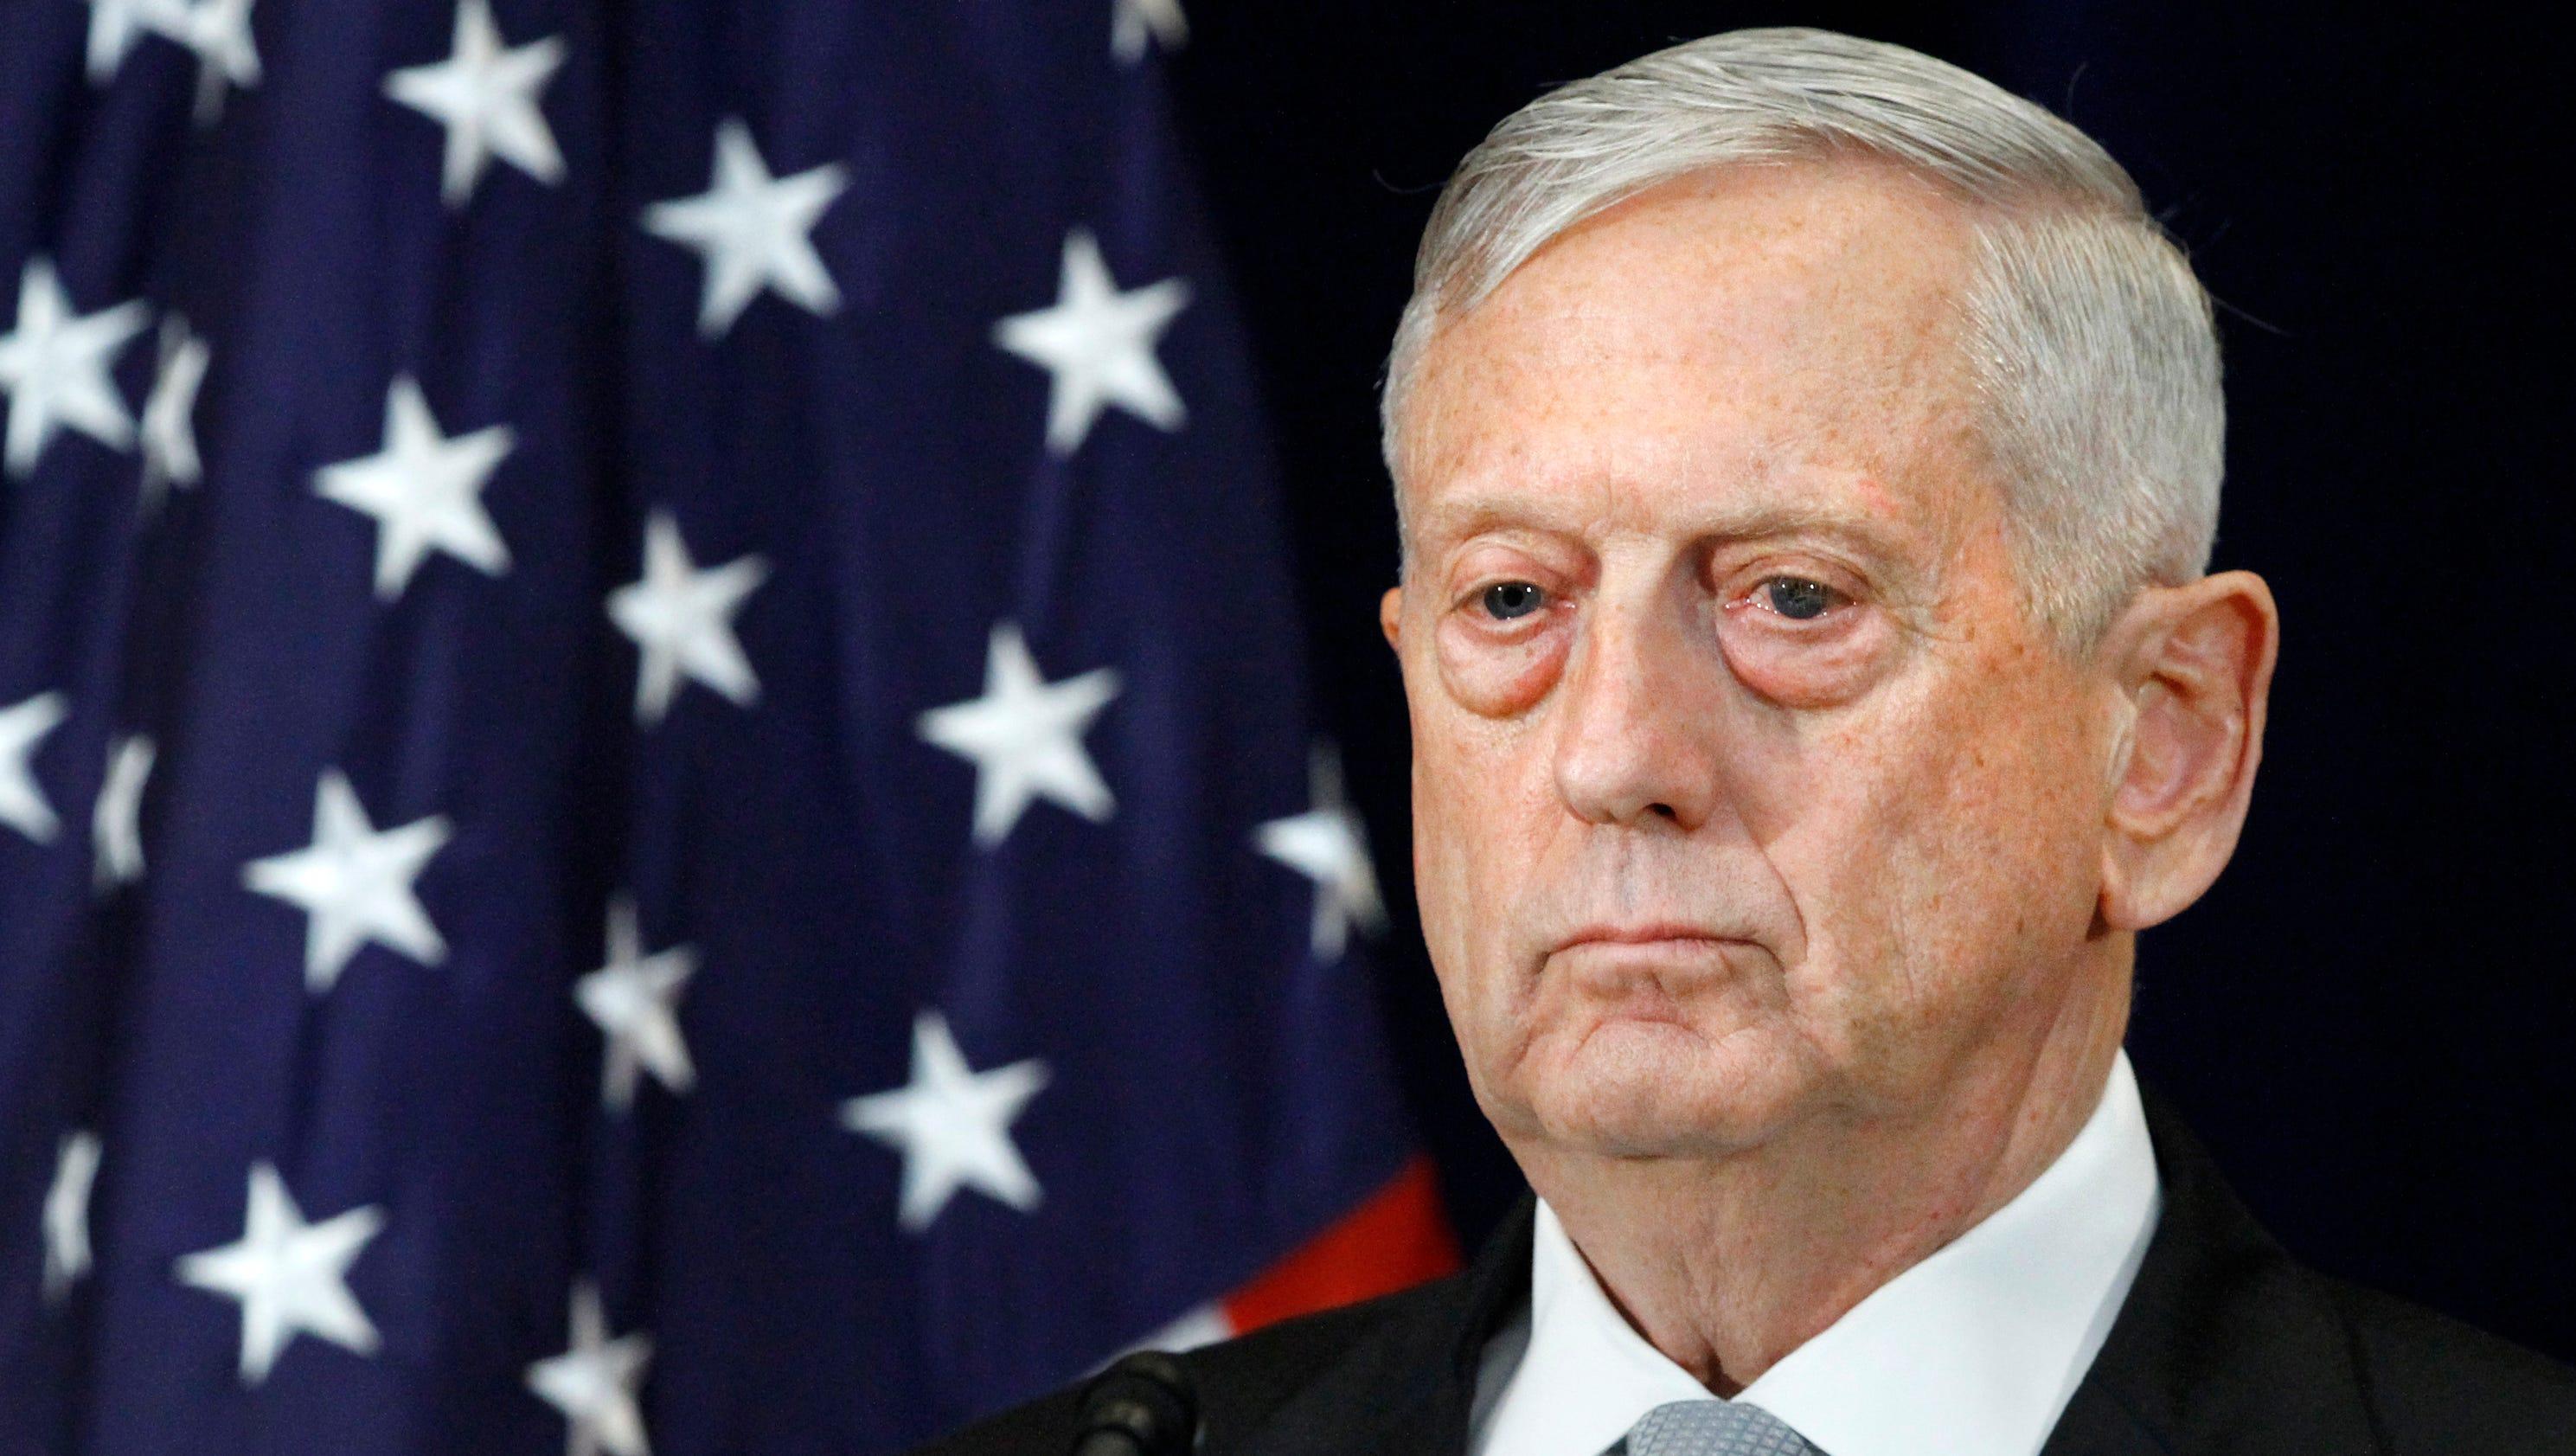 Pentagon to begin accepting transgender troops Jan 1. after court order